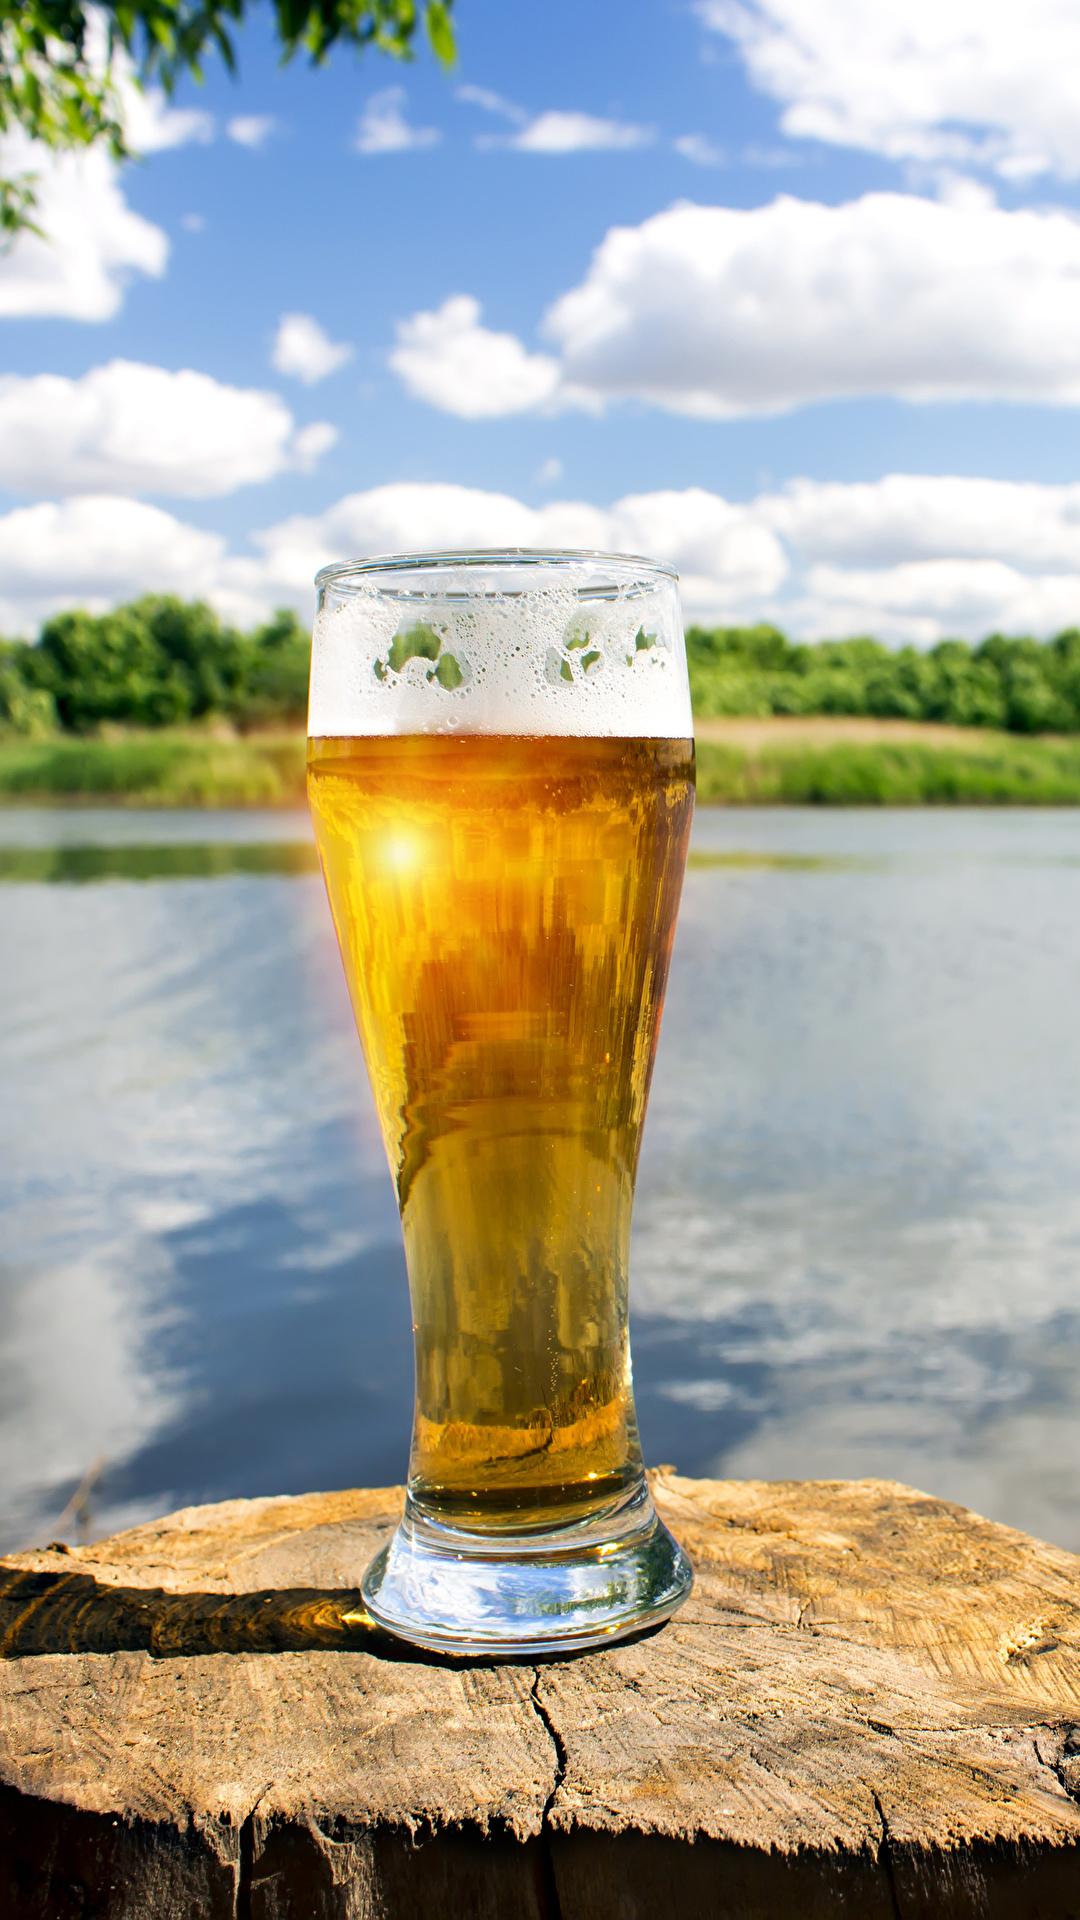 Фотография Пиво пне Стакан пене Продукты питания 1080x1920 для мобильного телефона Пень стакана стакане Еда Пища Пена пеной